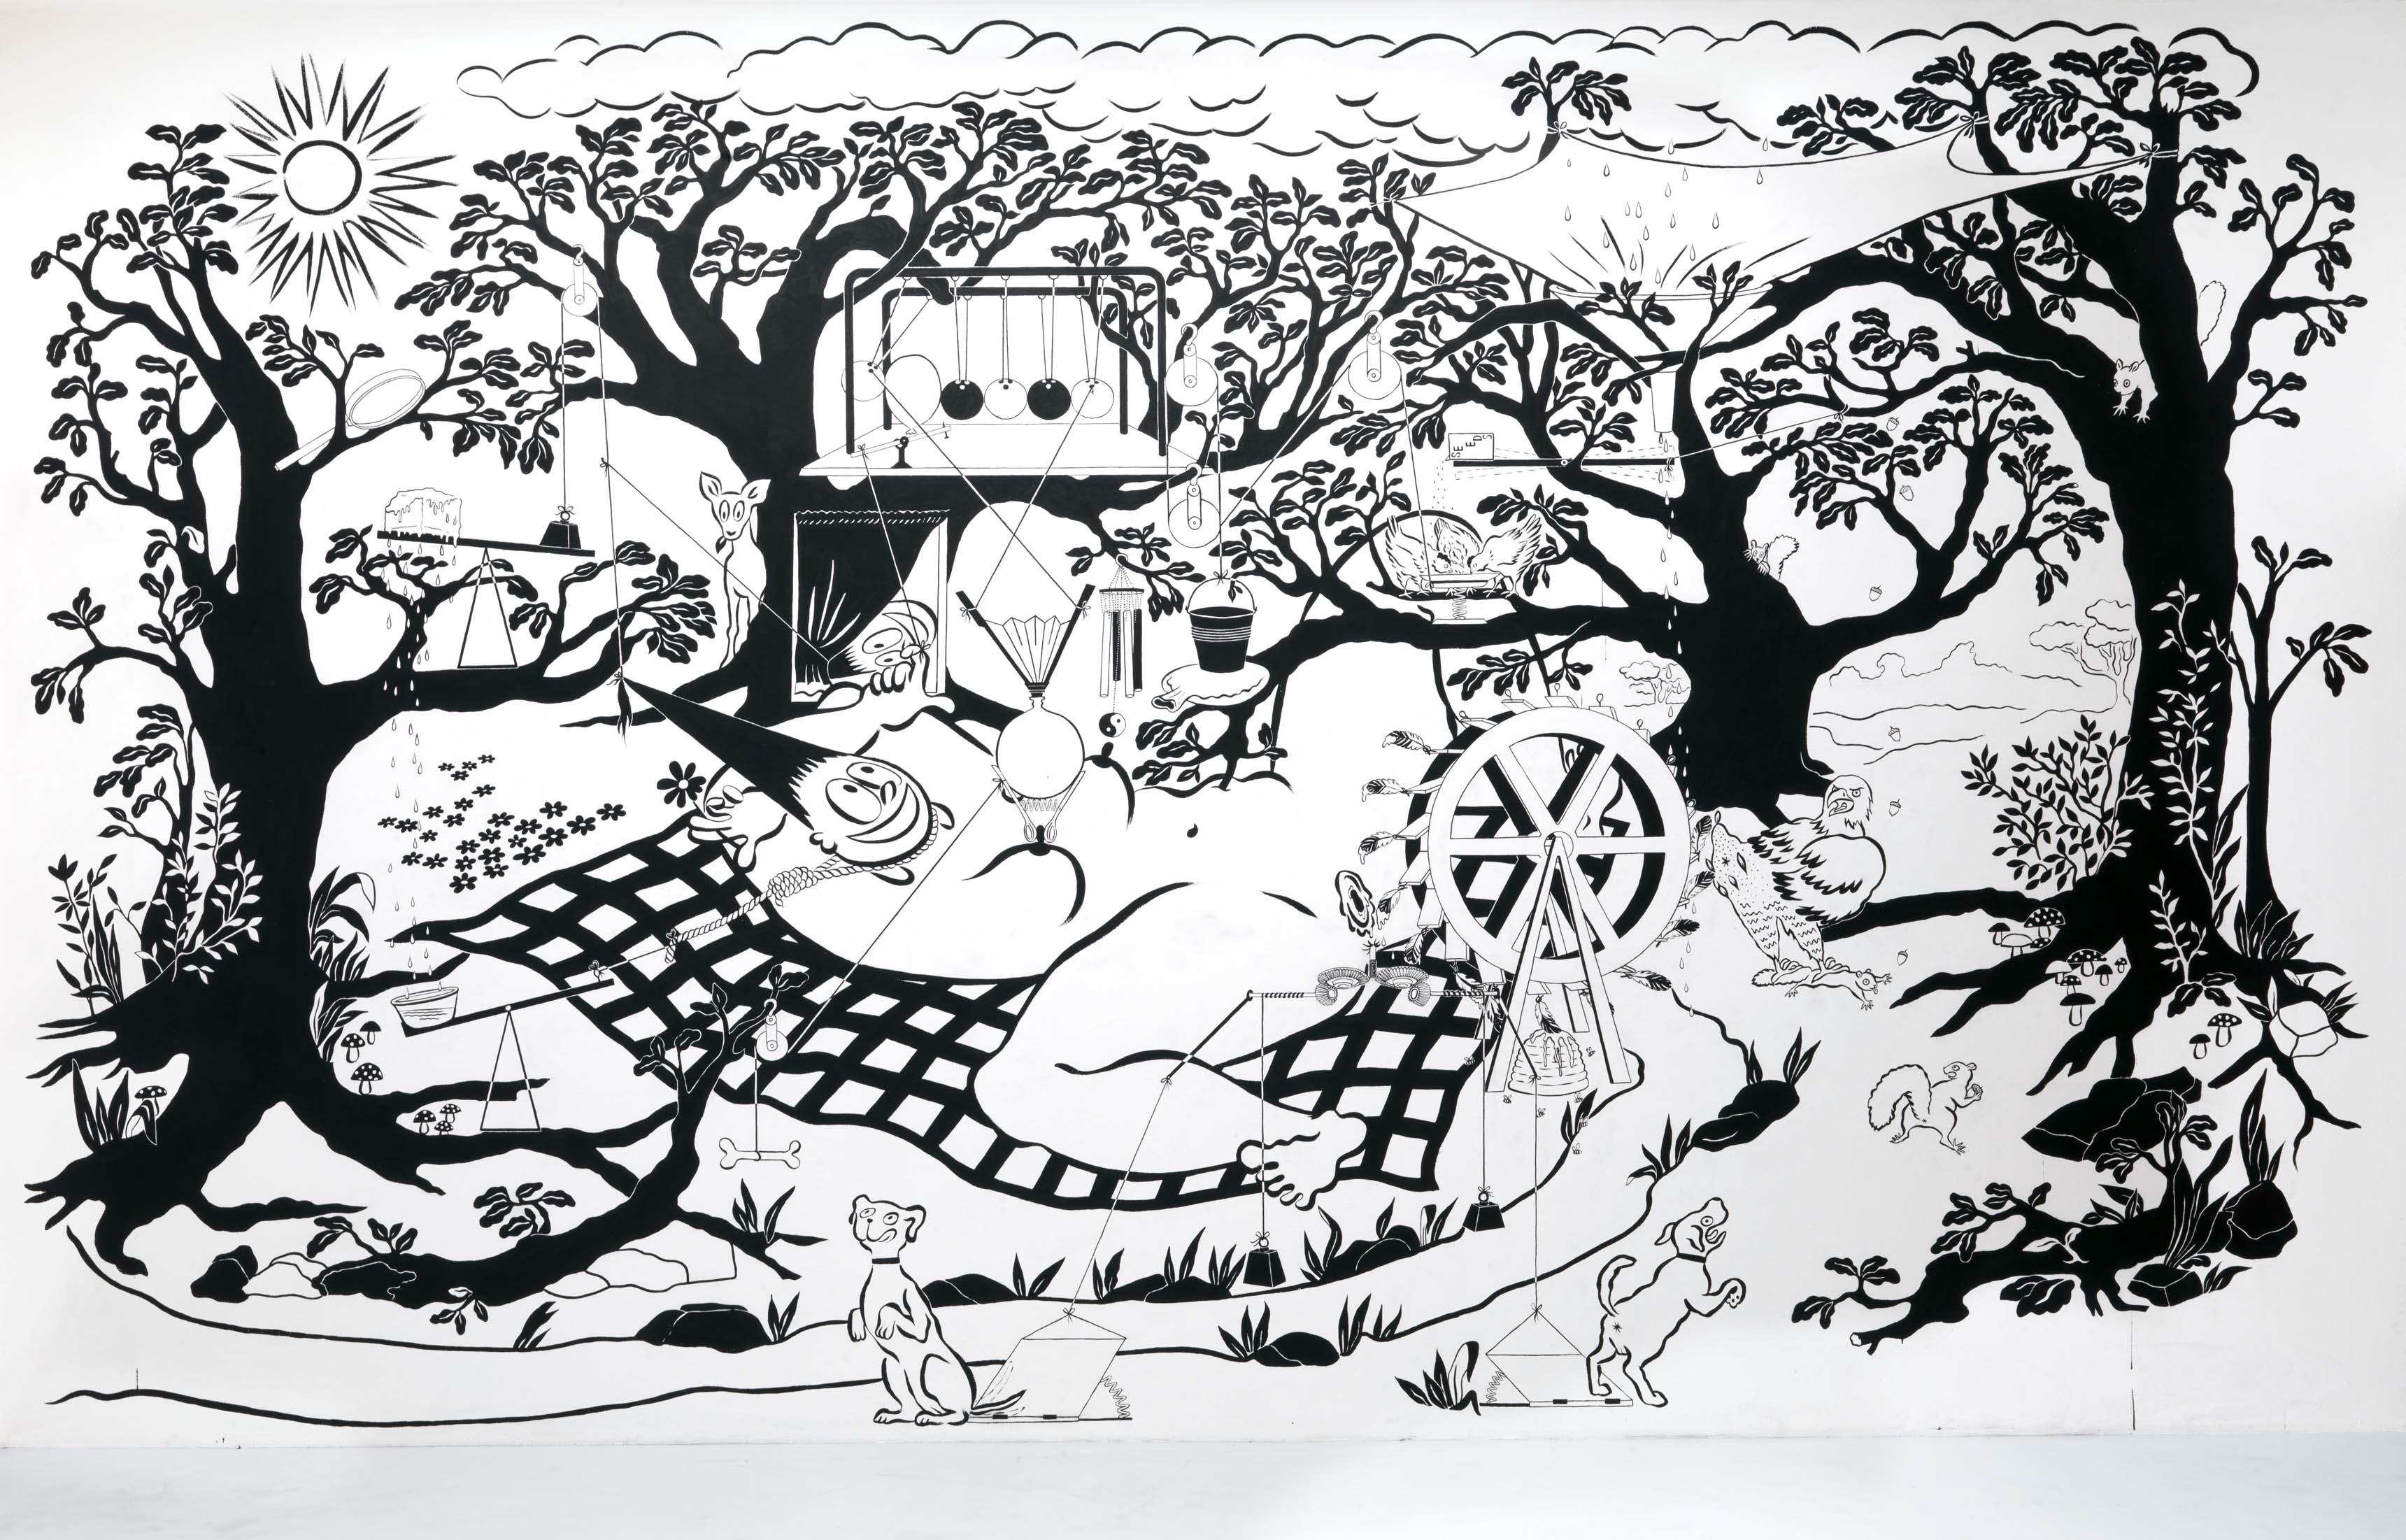 Peinture murale d'Ebecho Muslimova pour la 32e Biennale des arts graphiques de Ljubljana.